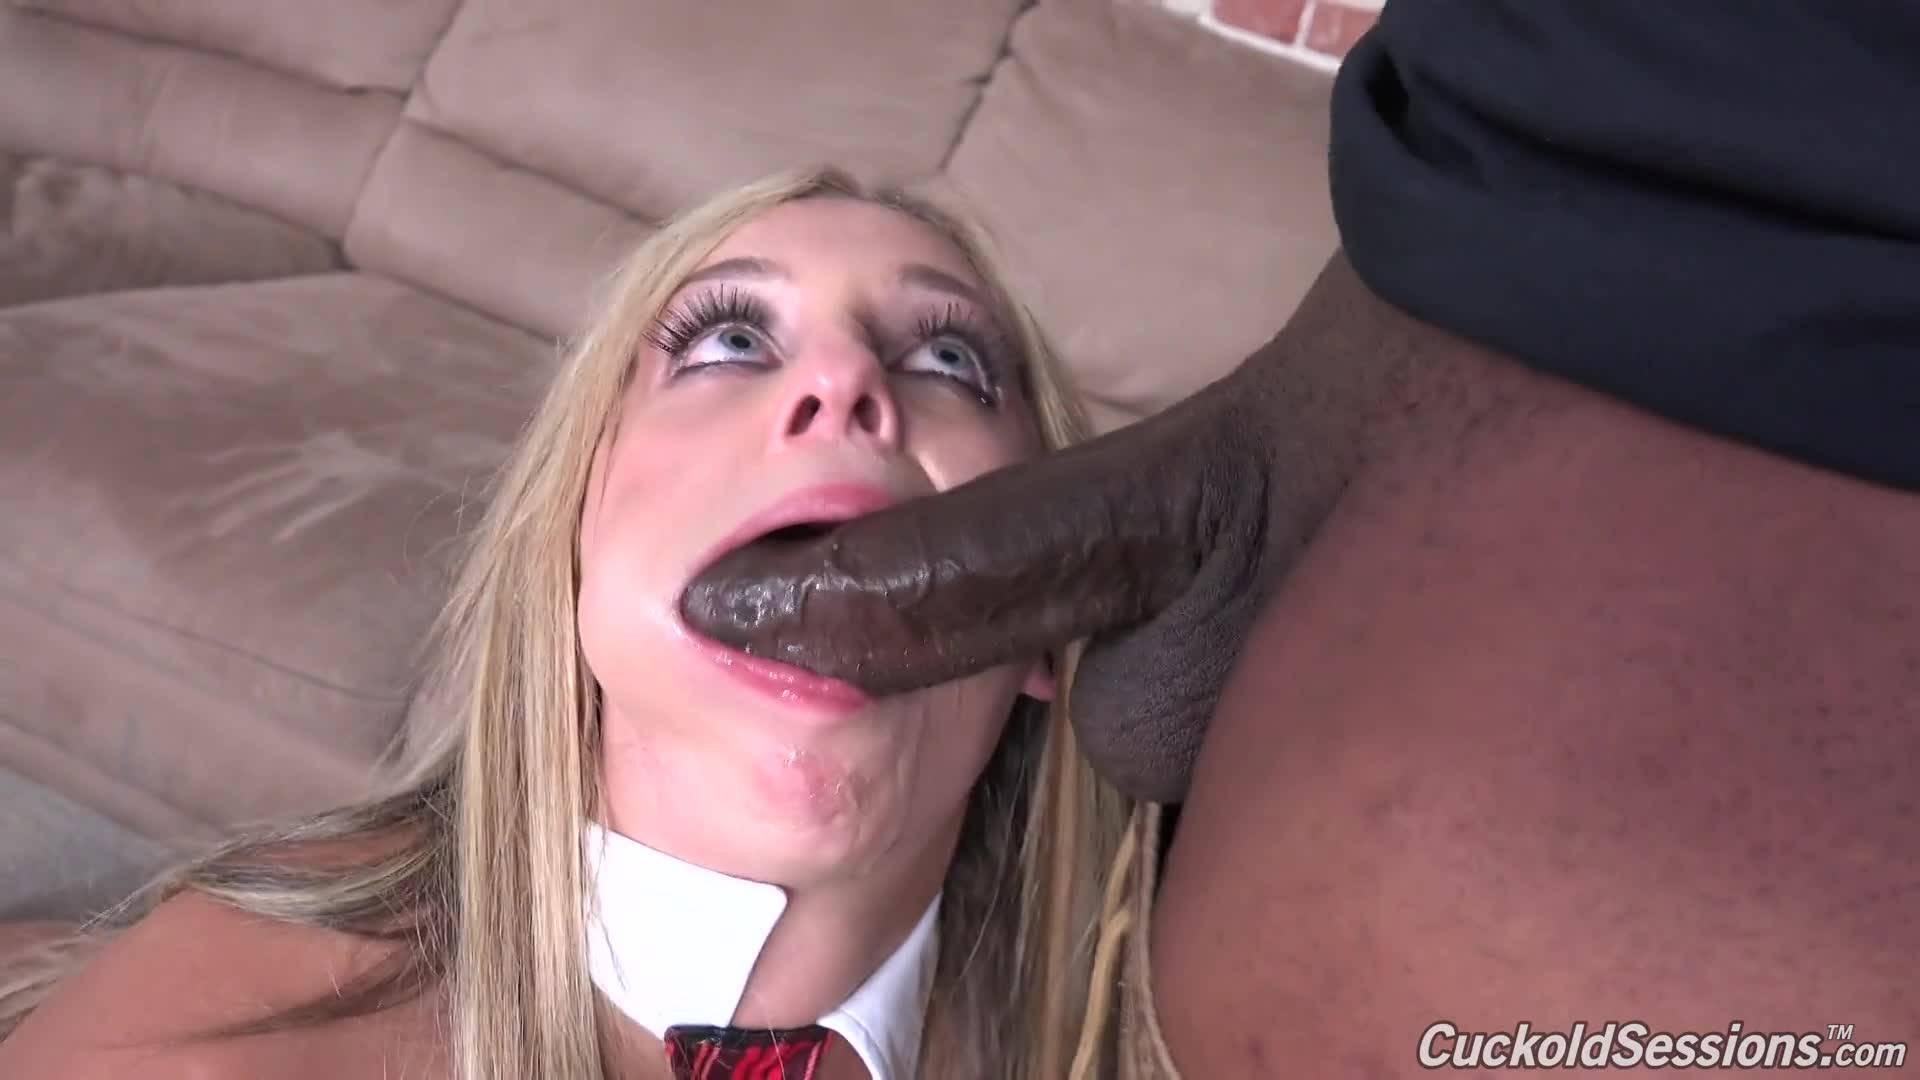 Стройная блондинка в чулках подставила все свои дырочки под крепкий черный член